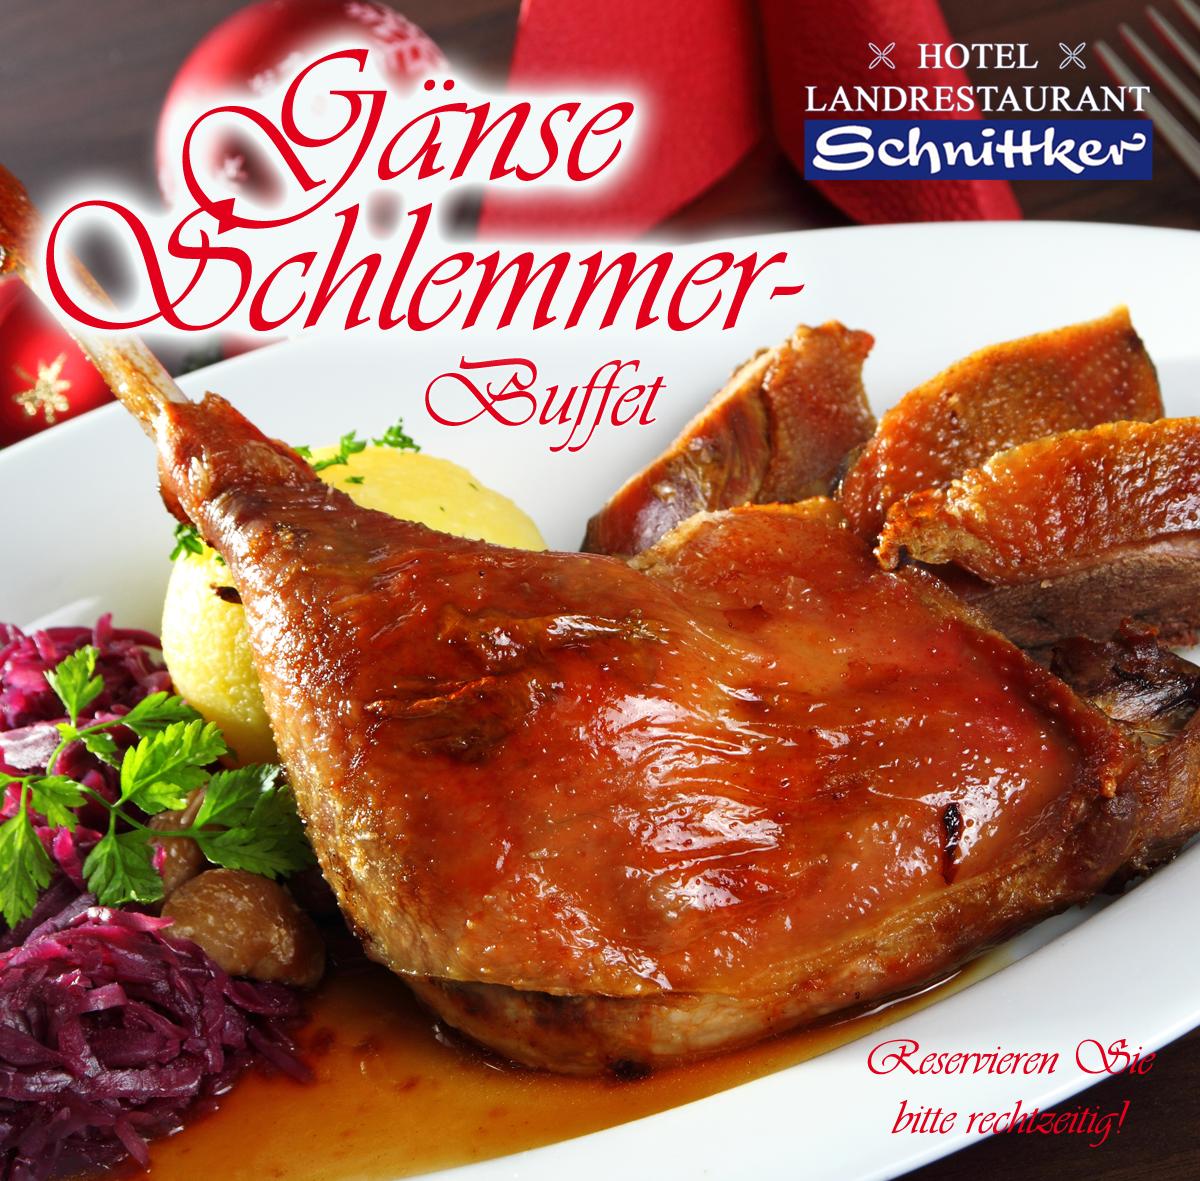 new style 875ea c3ab6 Gänse Schlemmerbuffet - Hotel & Landrestaurant-Schnittker